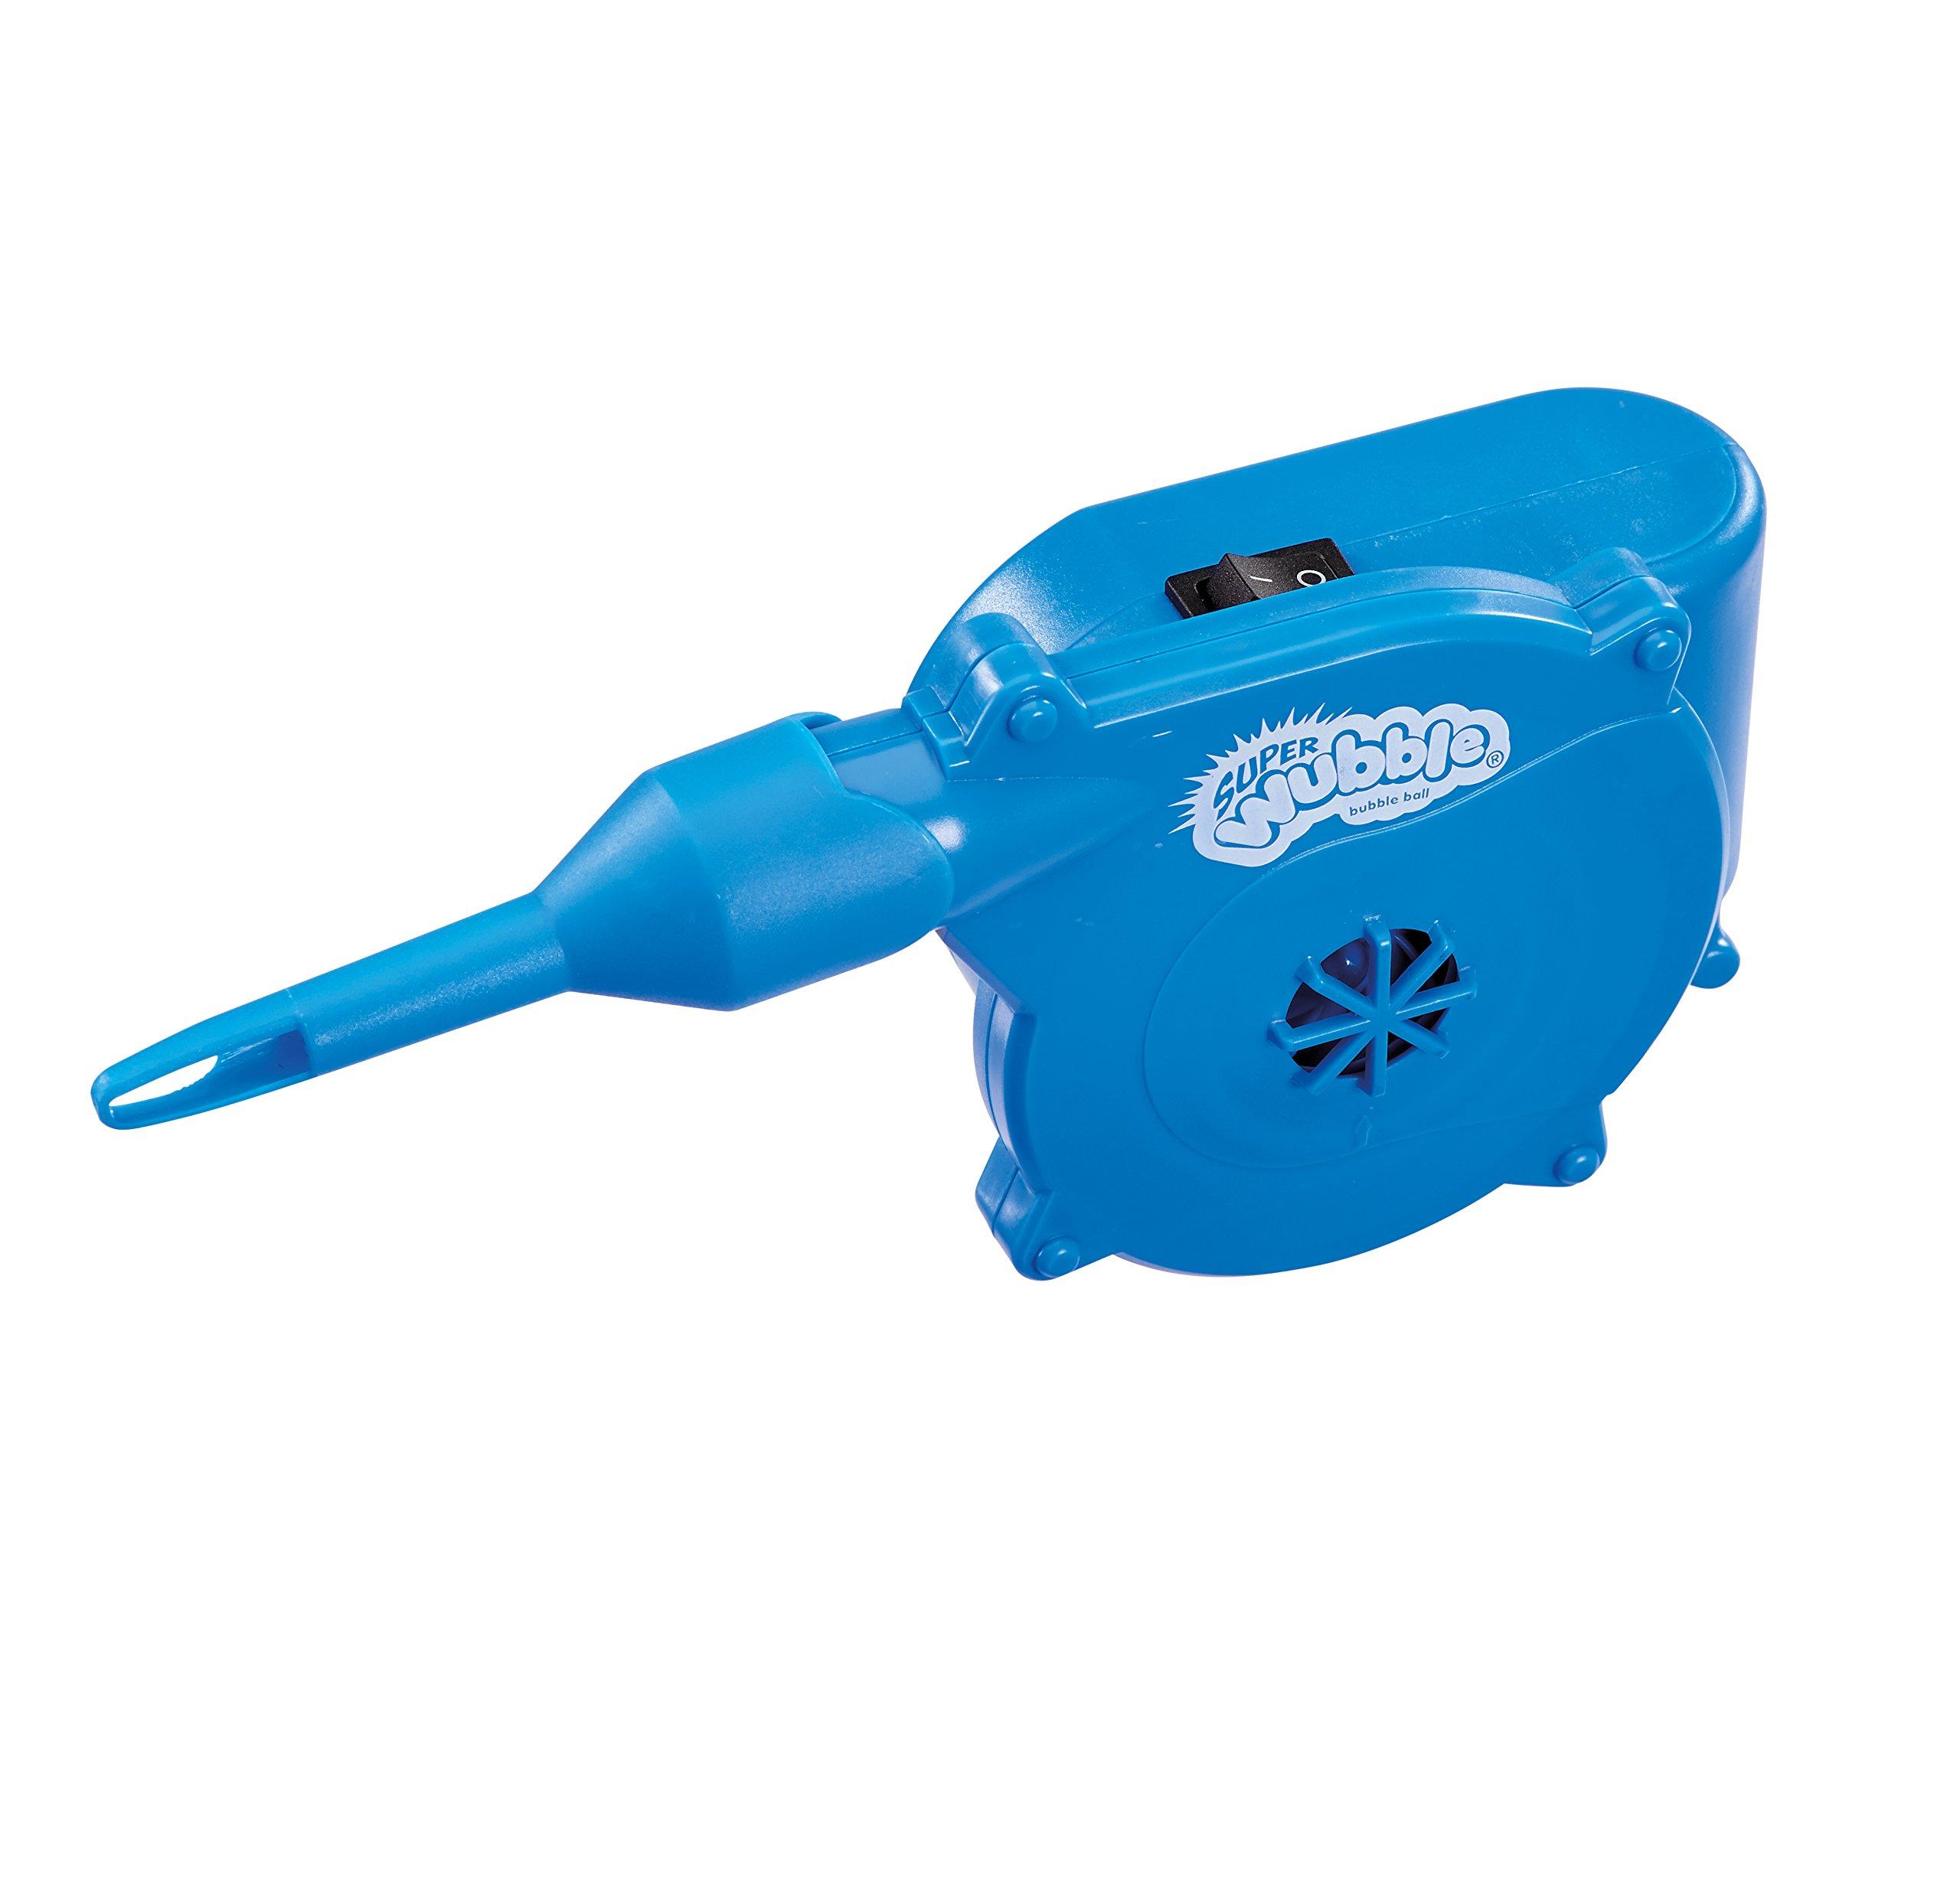 Wubble Super NS20169.4300 with Pump, Blue by Wubble (Image #3)